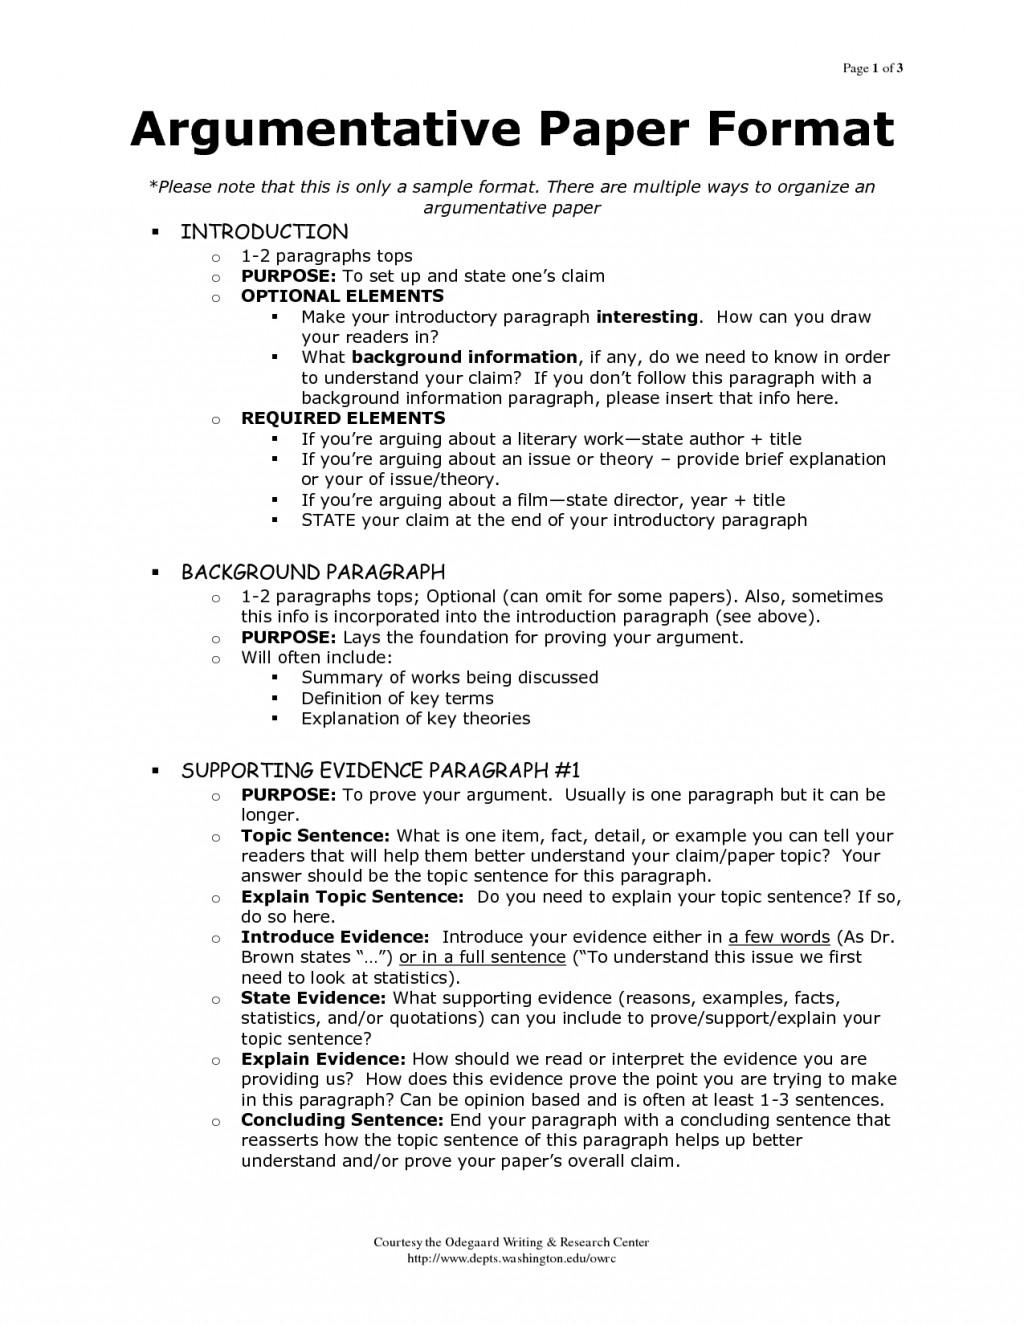 004 Essay Example Introduction Stupendous Outline Argumentative 5 Paragraph Large